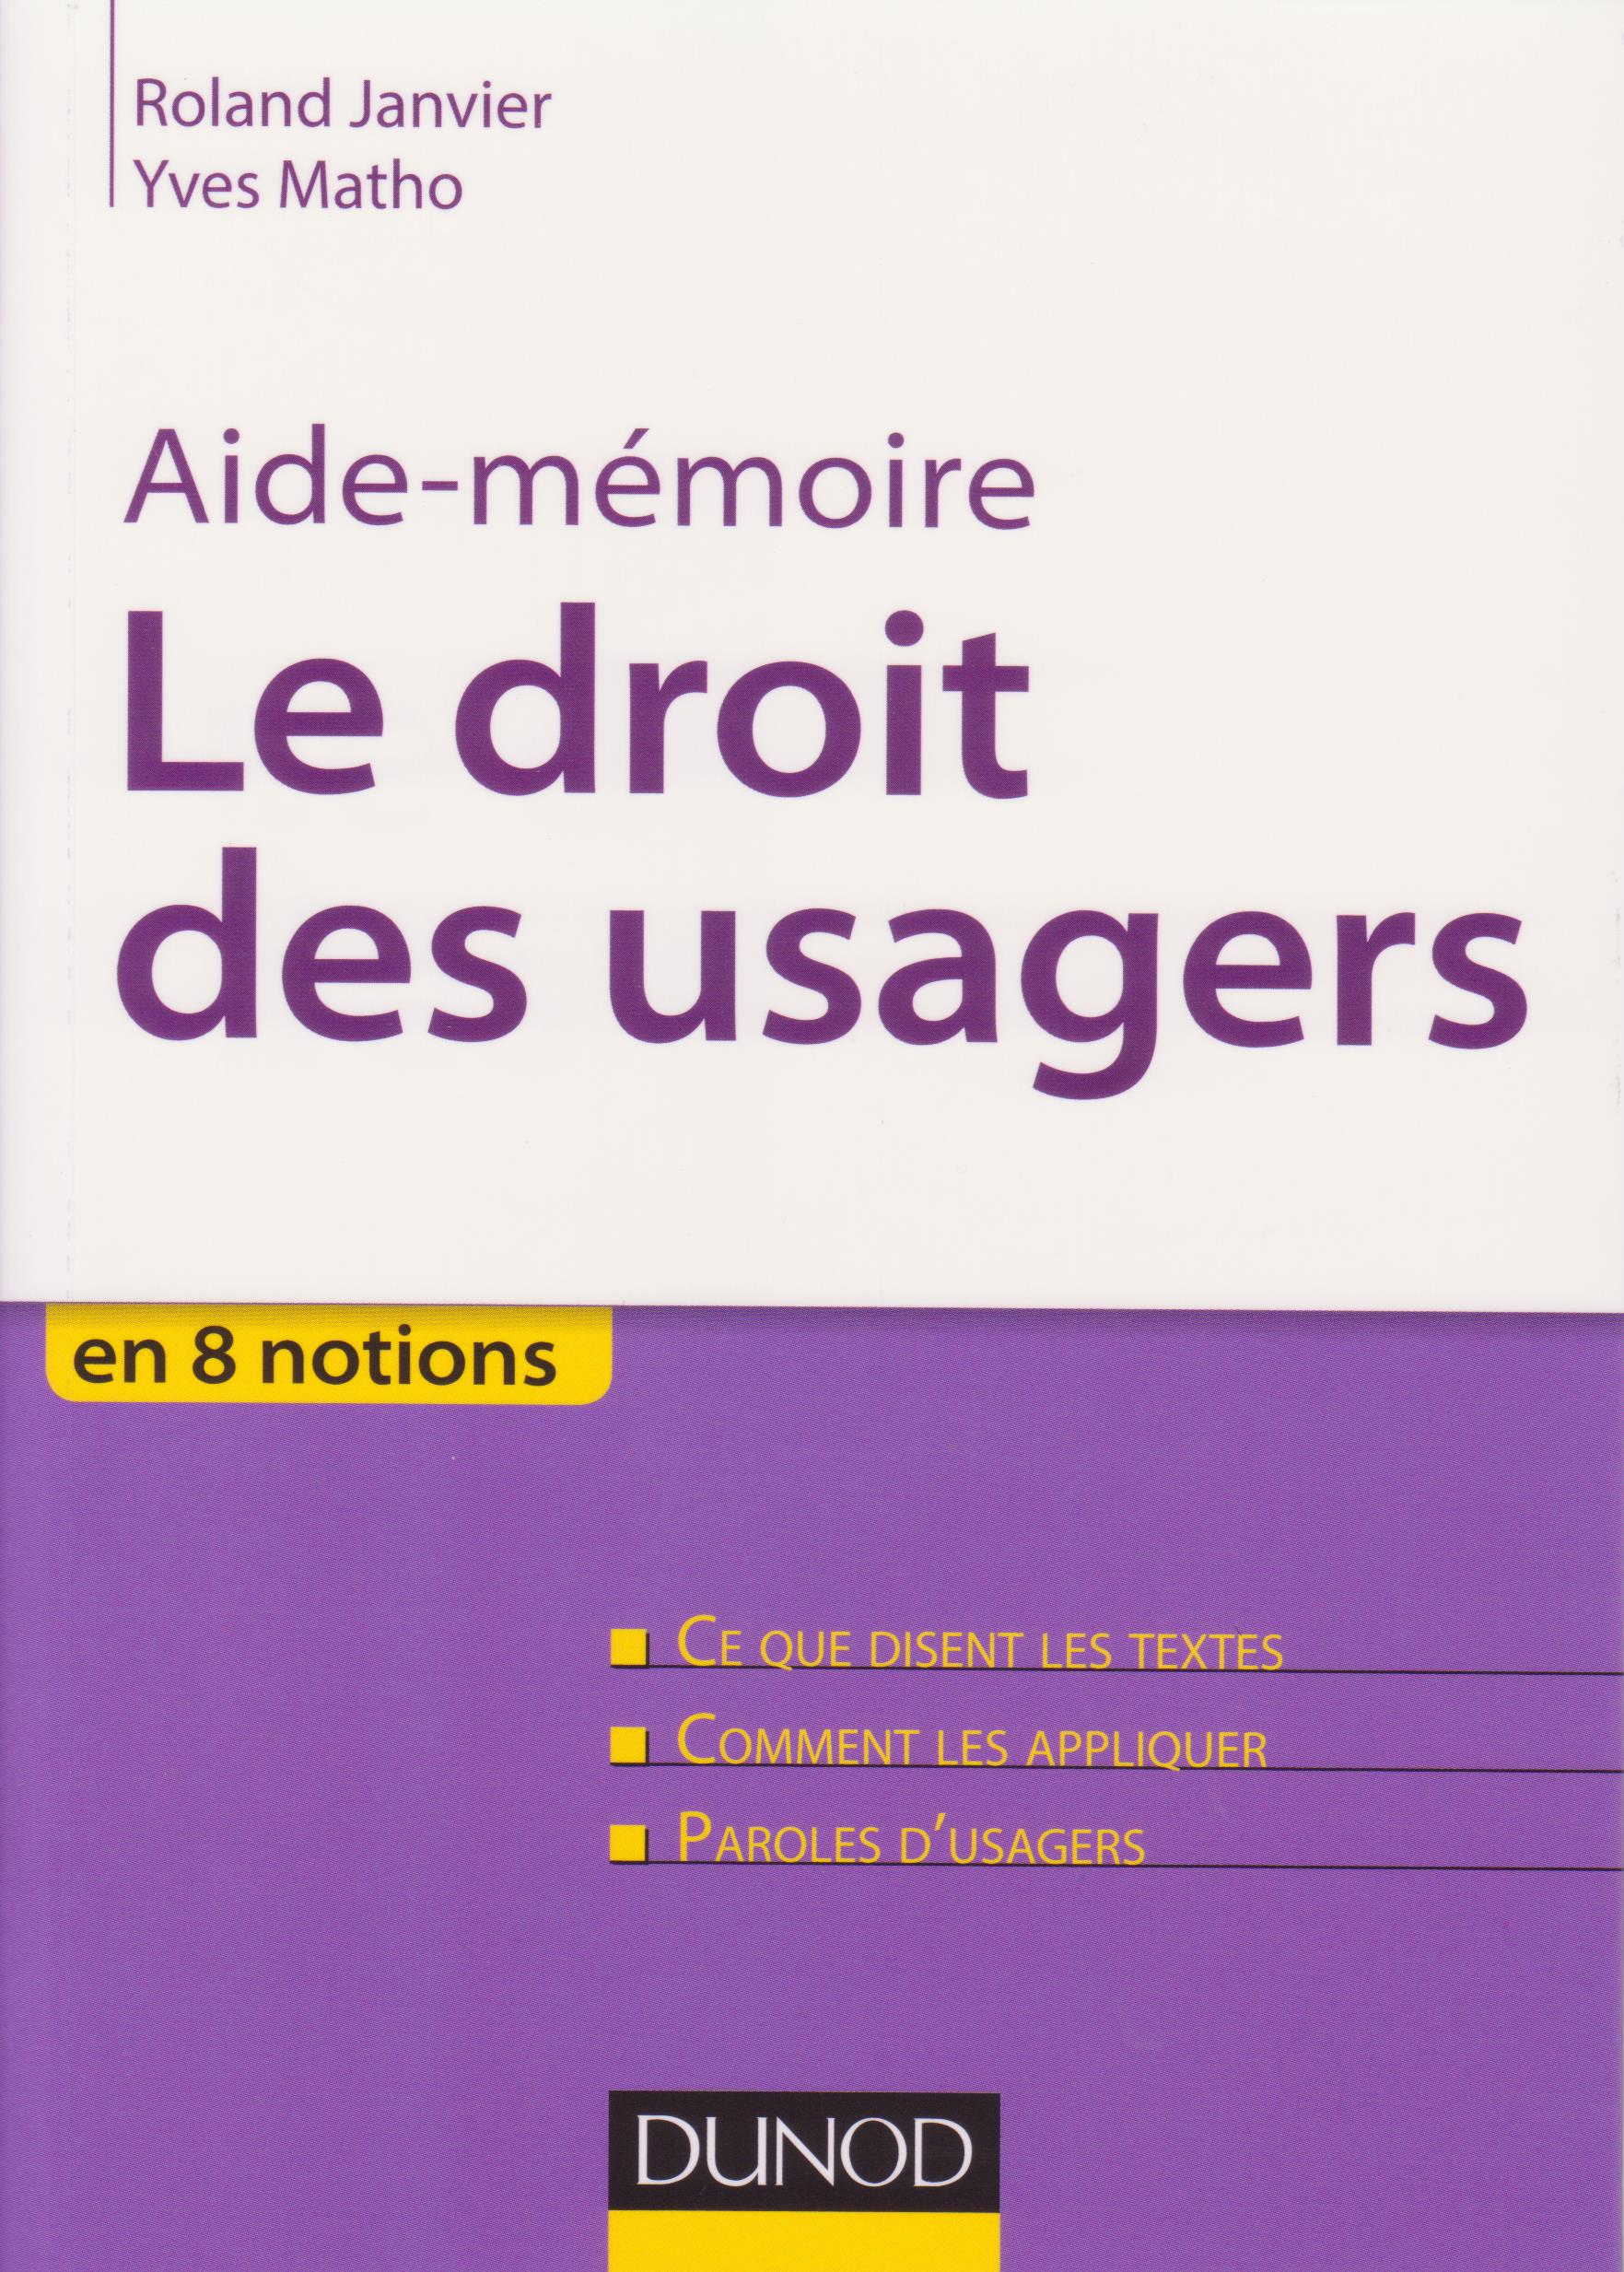 Aide-mémoire – Le droit des usagers